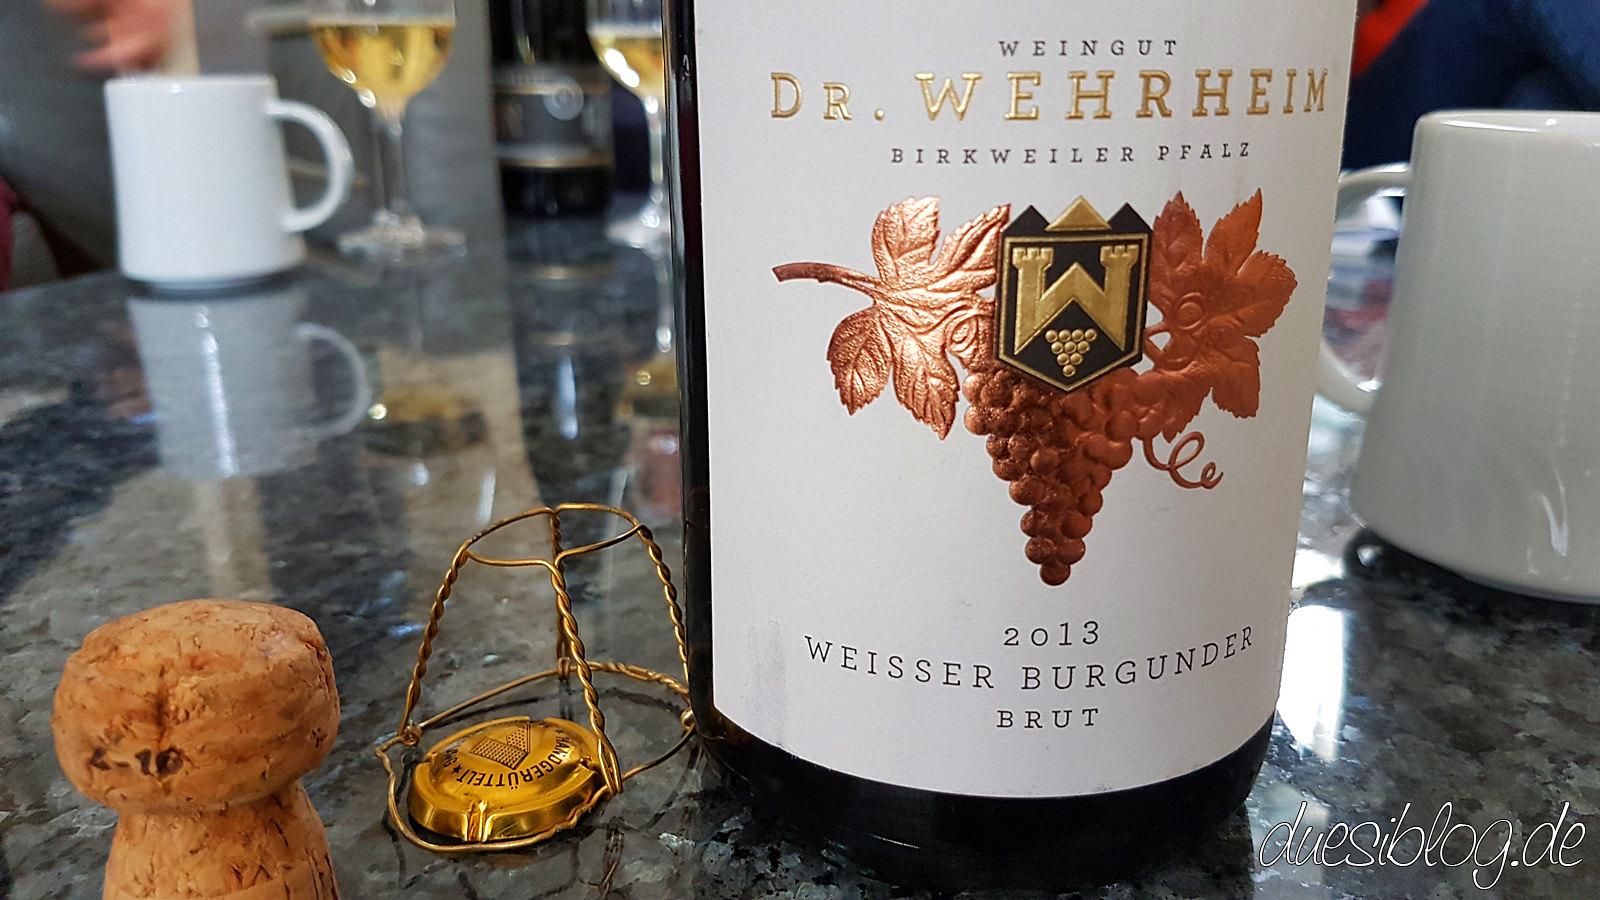 Wein am Dom 2017 Speyer duesiblog.de 10